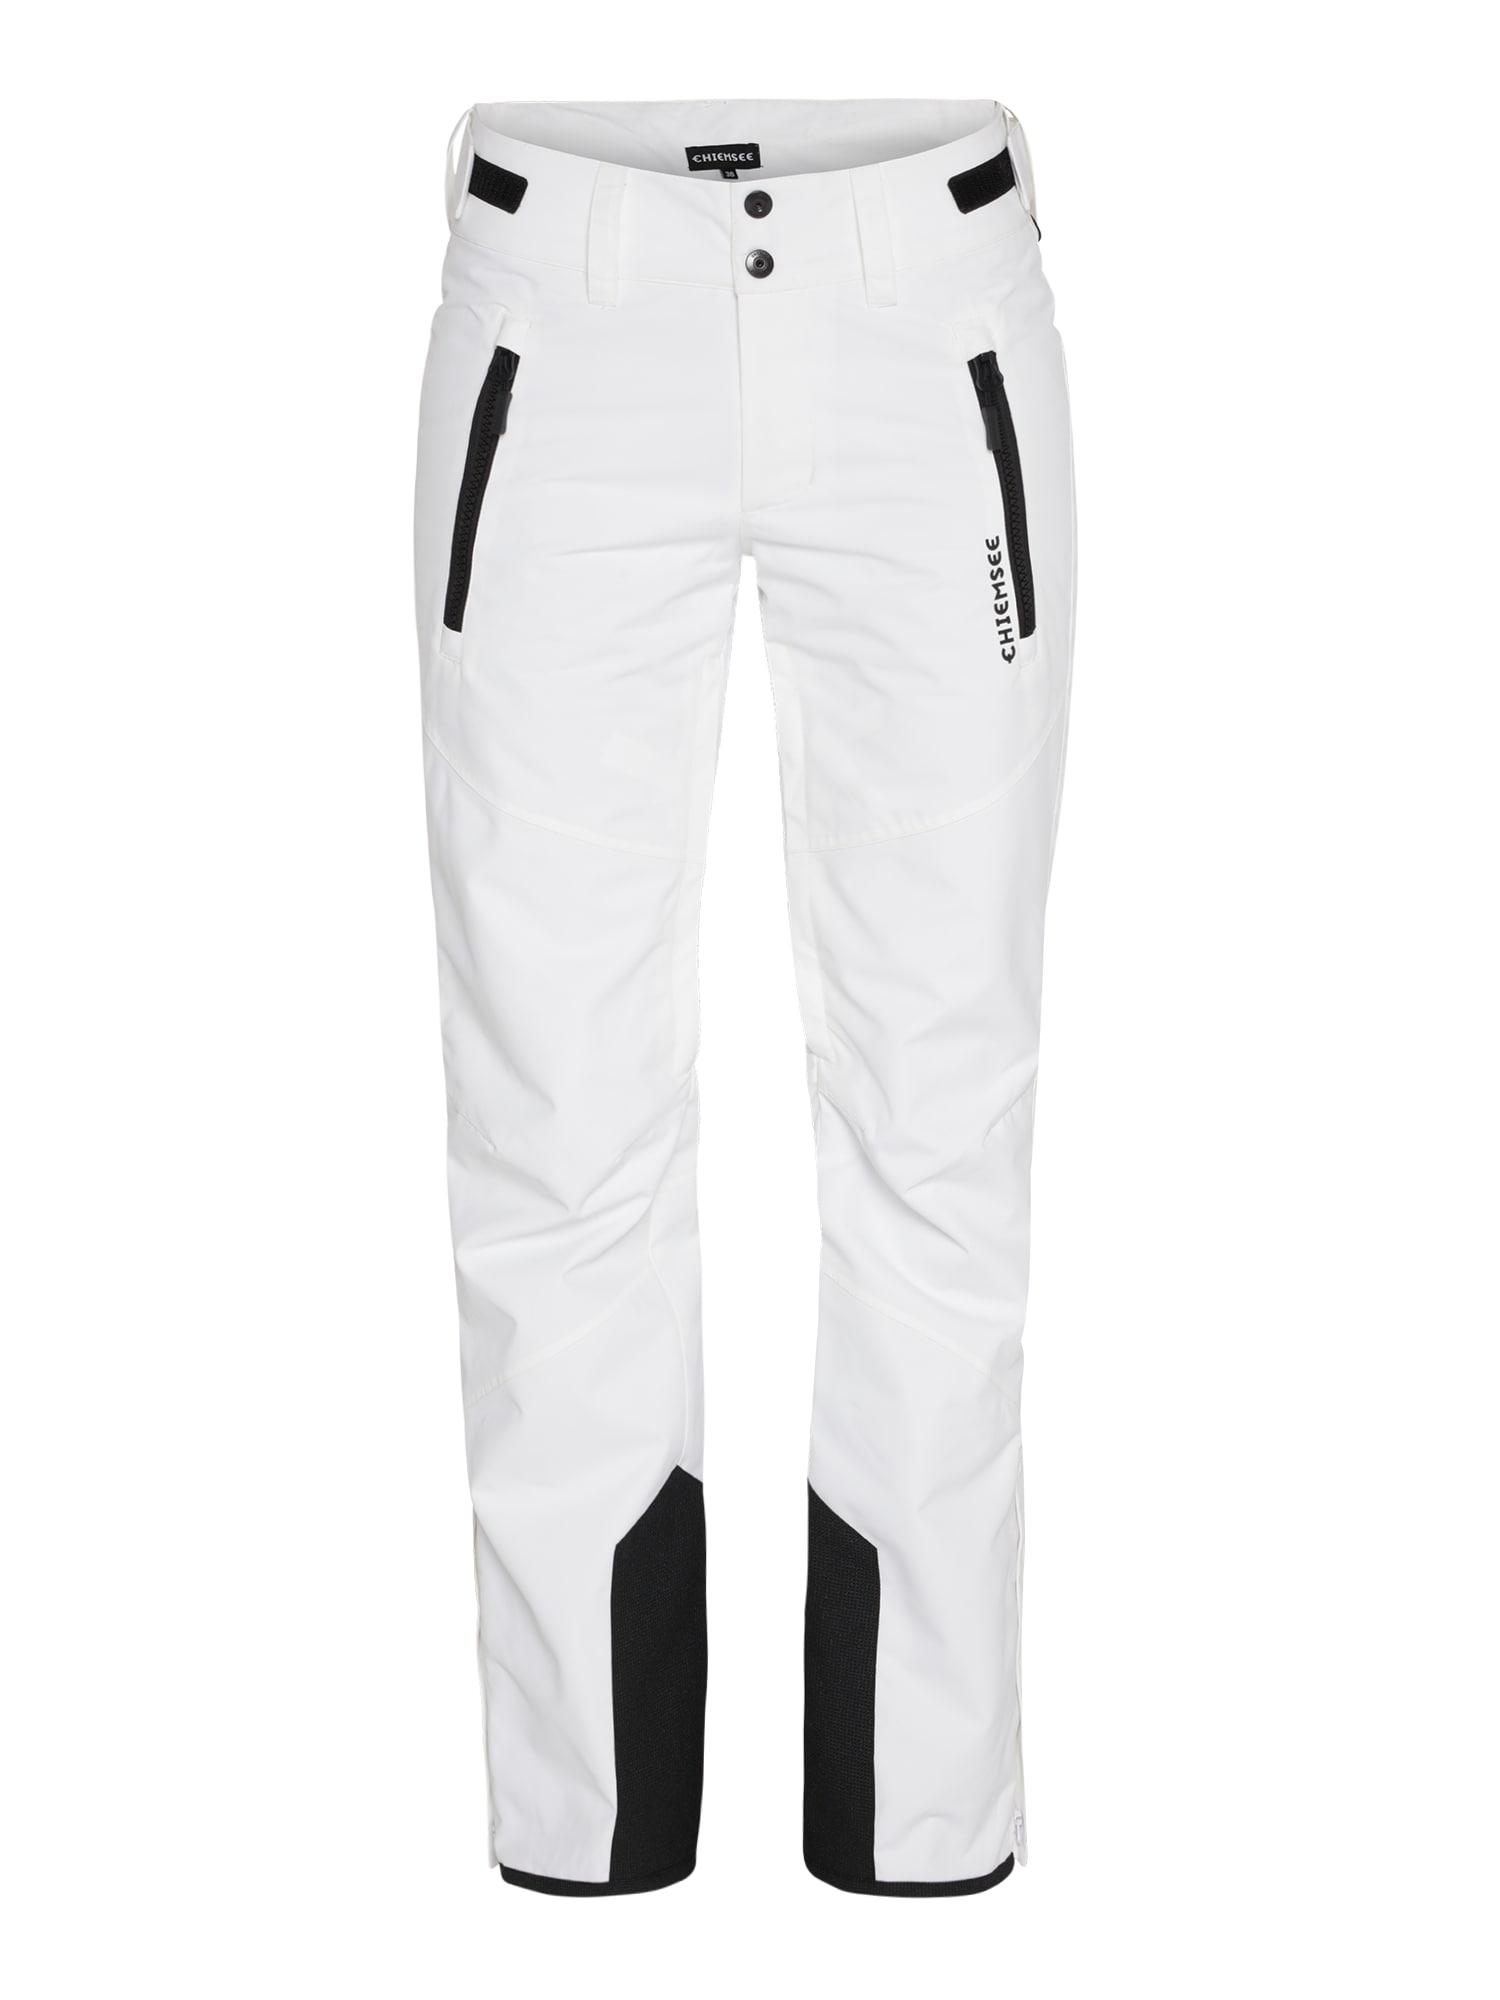 CHIEMSEE Sportinės kelnės balta